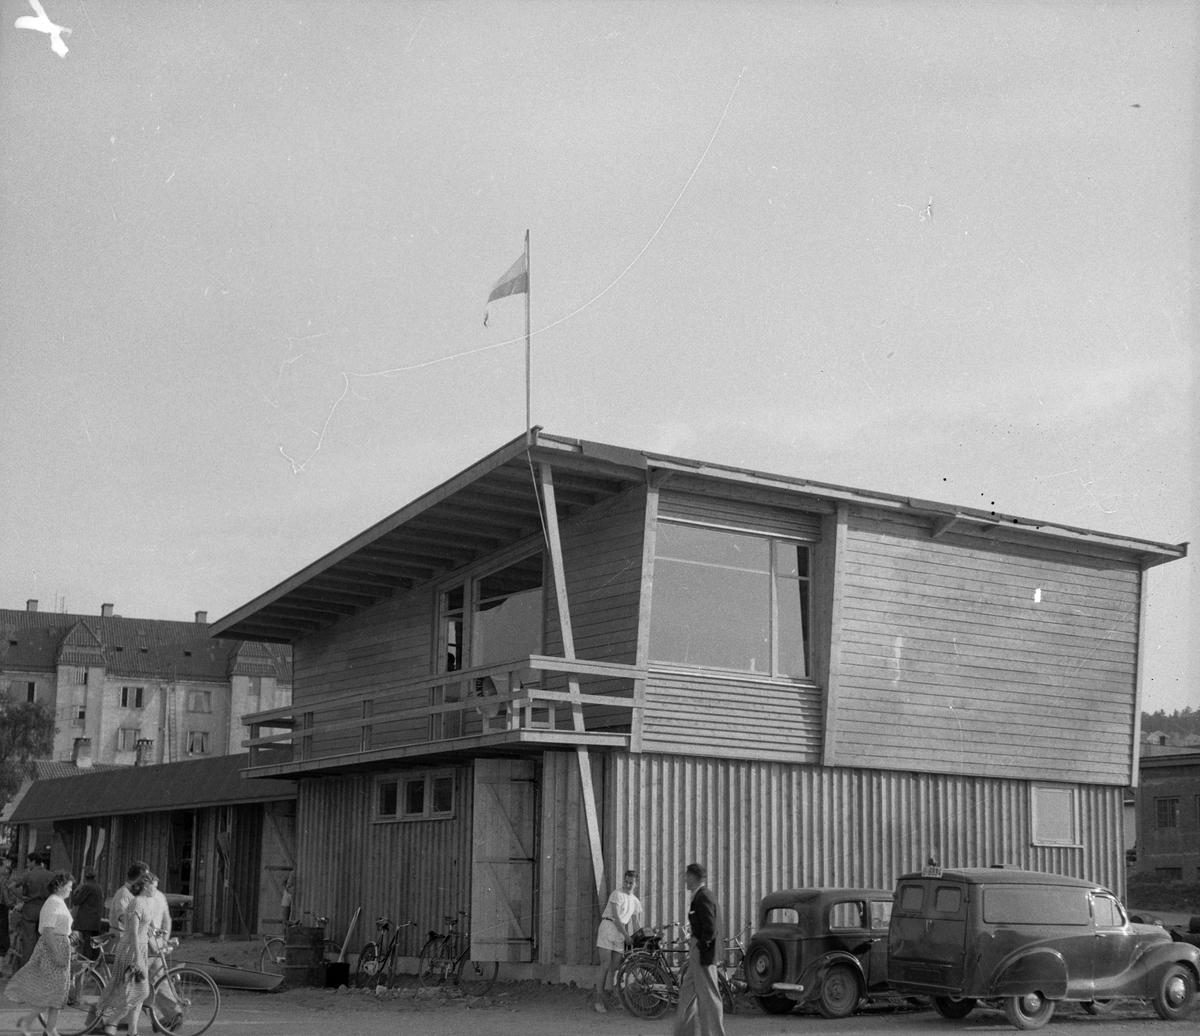 Innvielse av kajakk-klubbens nye hus